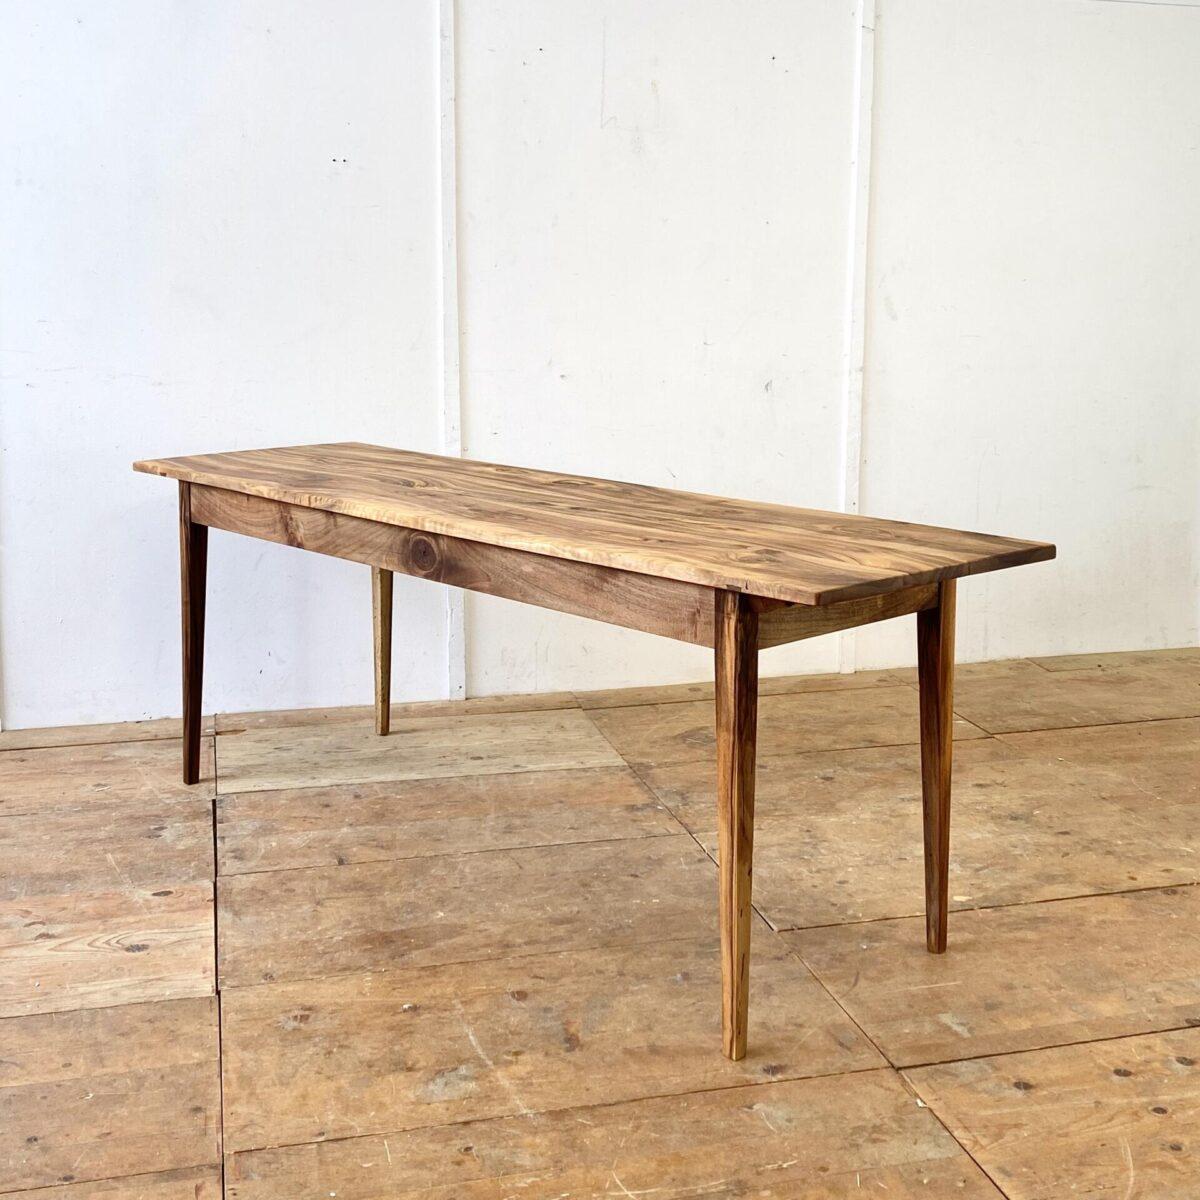 Deuxieme.shop Schmaler Nussbaumtisch 210x64cm Höhe 76cm. Dieses antike Tischblatt, mit lebhafter Holzmaserung, kam ohne Unterbau zu uns. Mit passendem alten Nussbaumholz haben wir den Unterbau dazu geschreinert. Das elegante schmal-längliche Format der Tischplatte, wollten wir mit dem feingliedrigen geradlinigen Unterbau Unterstreichen. Das Tischblatt ist mittels Holzzapfen mit dem Unterbau verbunden. Die Holzoberflächen sind mit Naturöl behandelt.